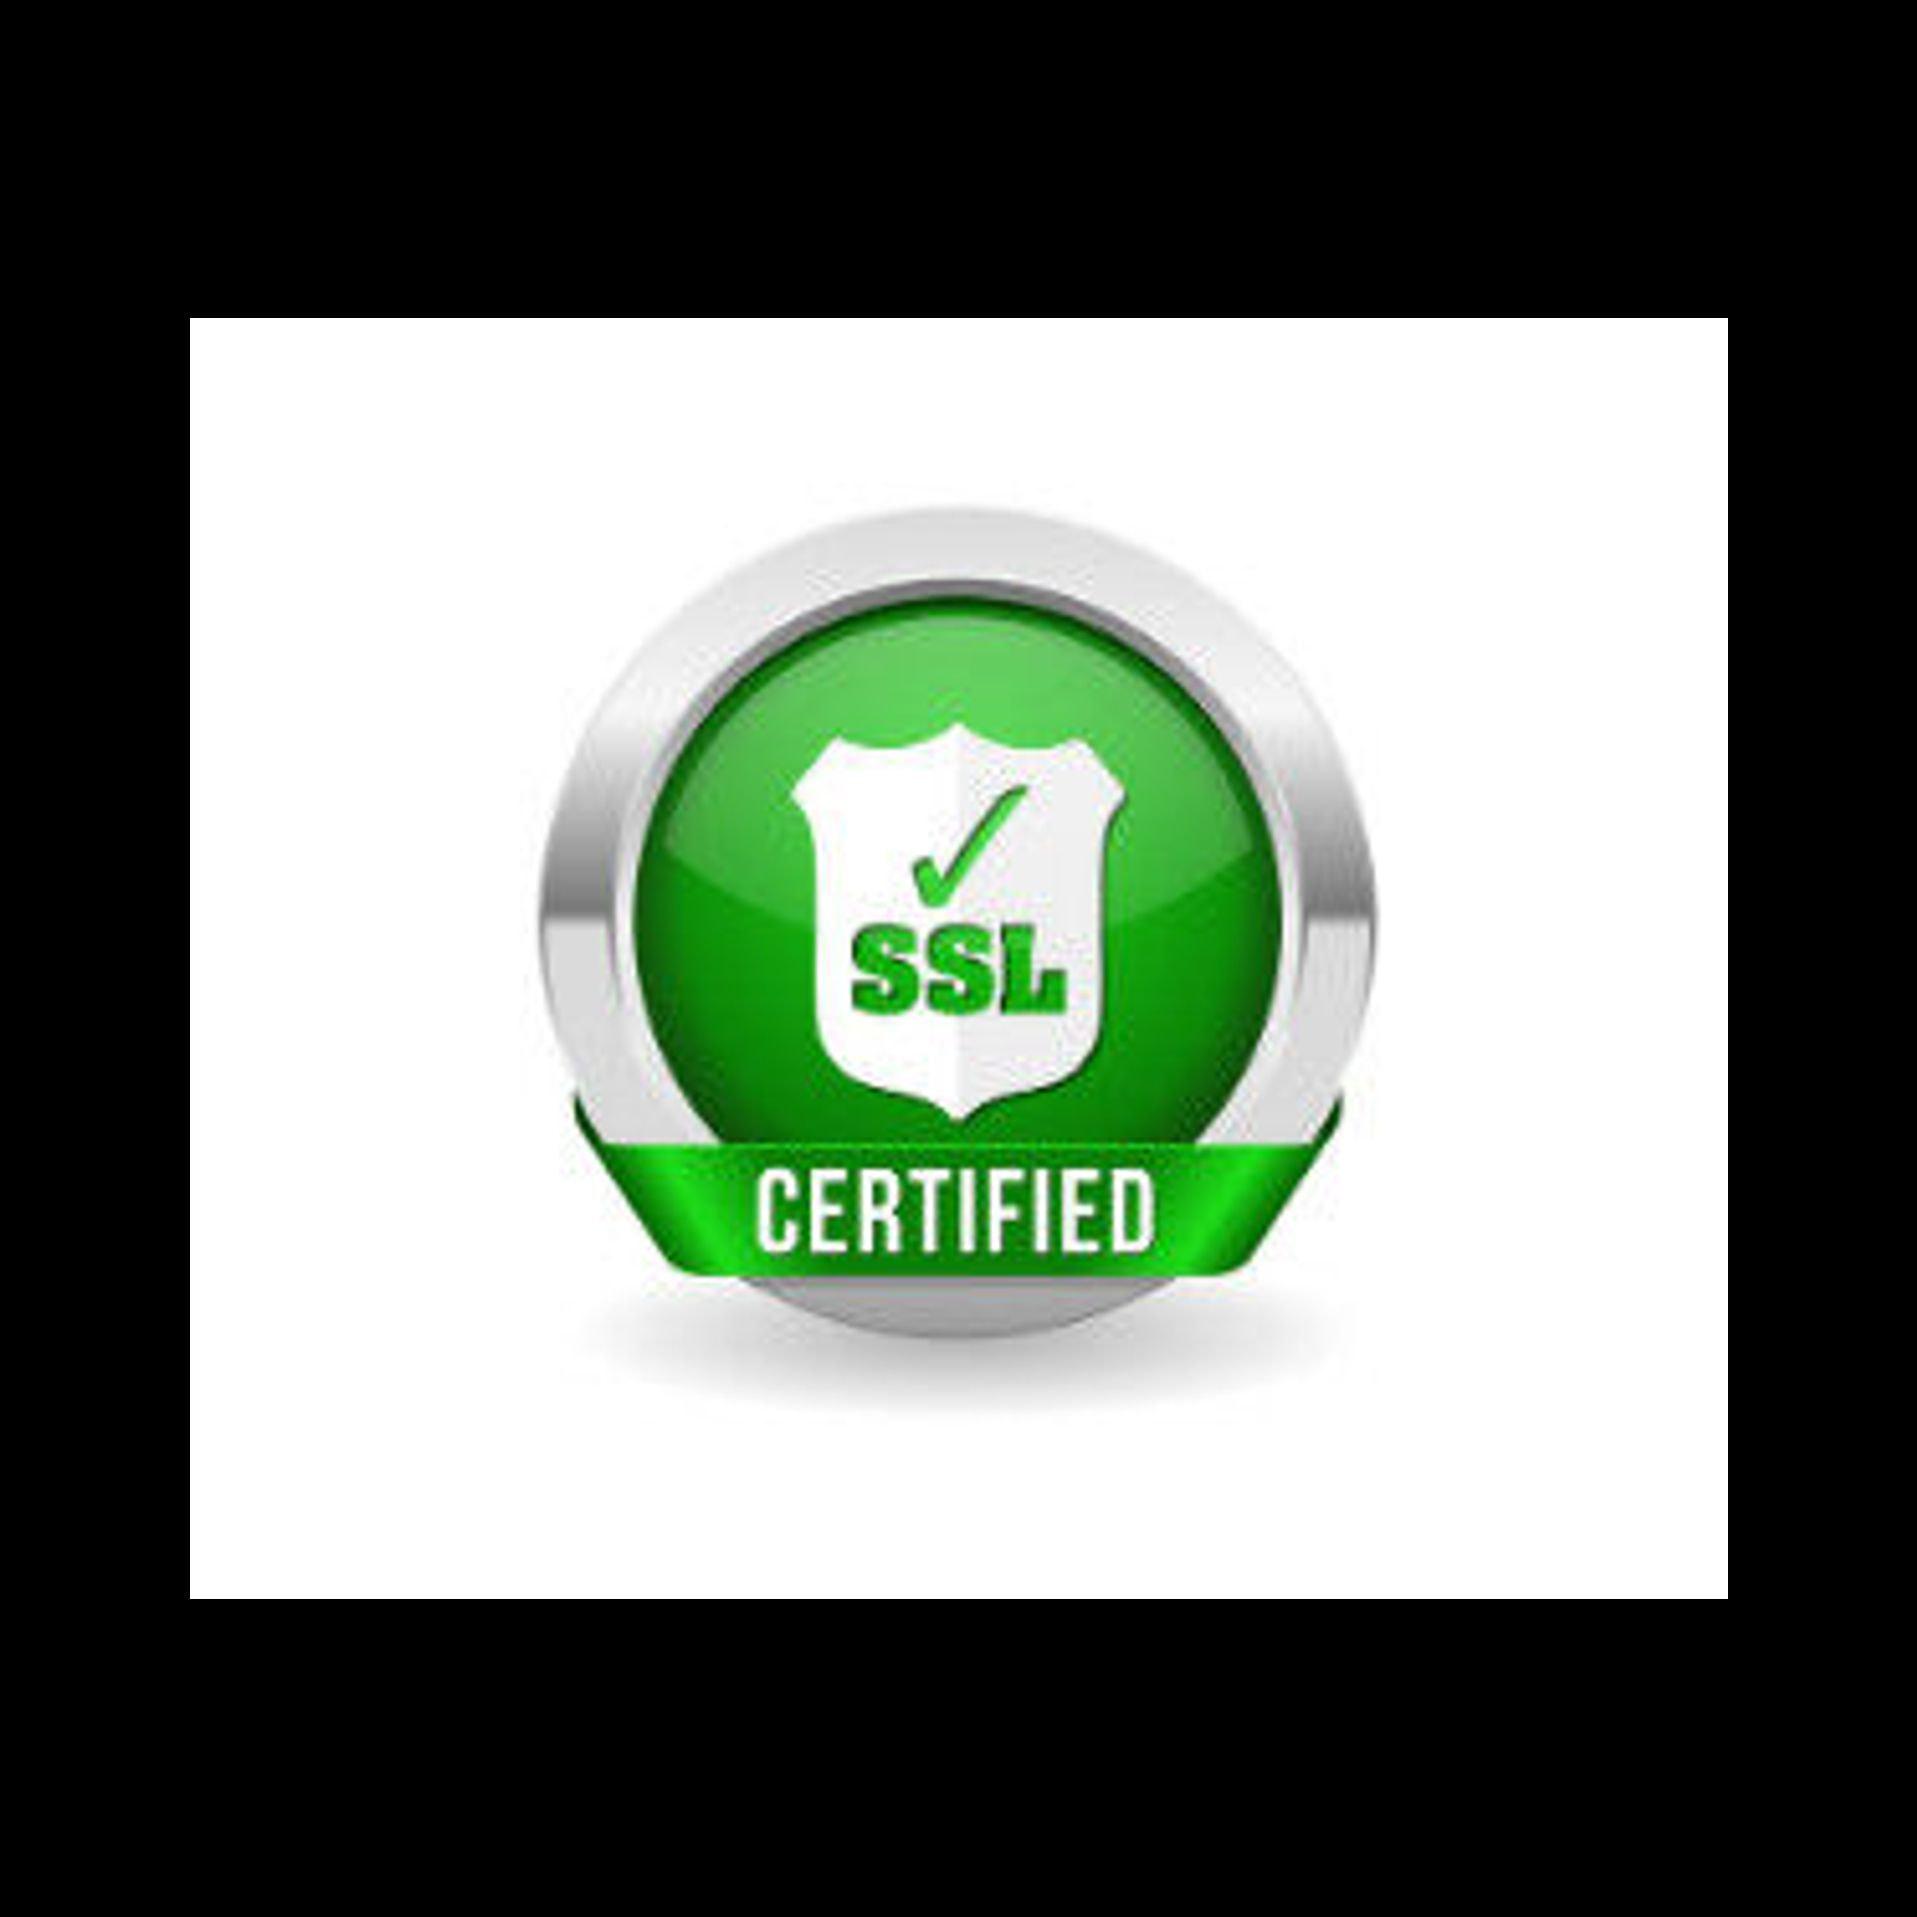 certificato di sicurezza